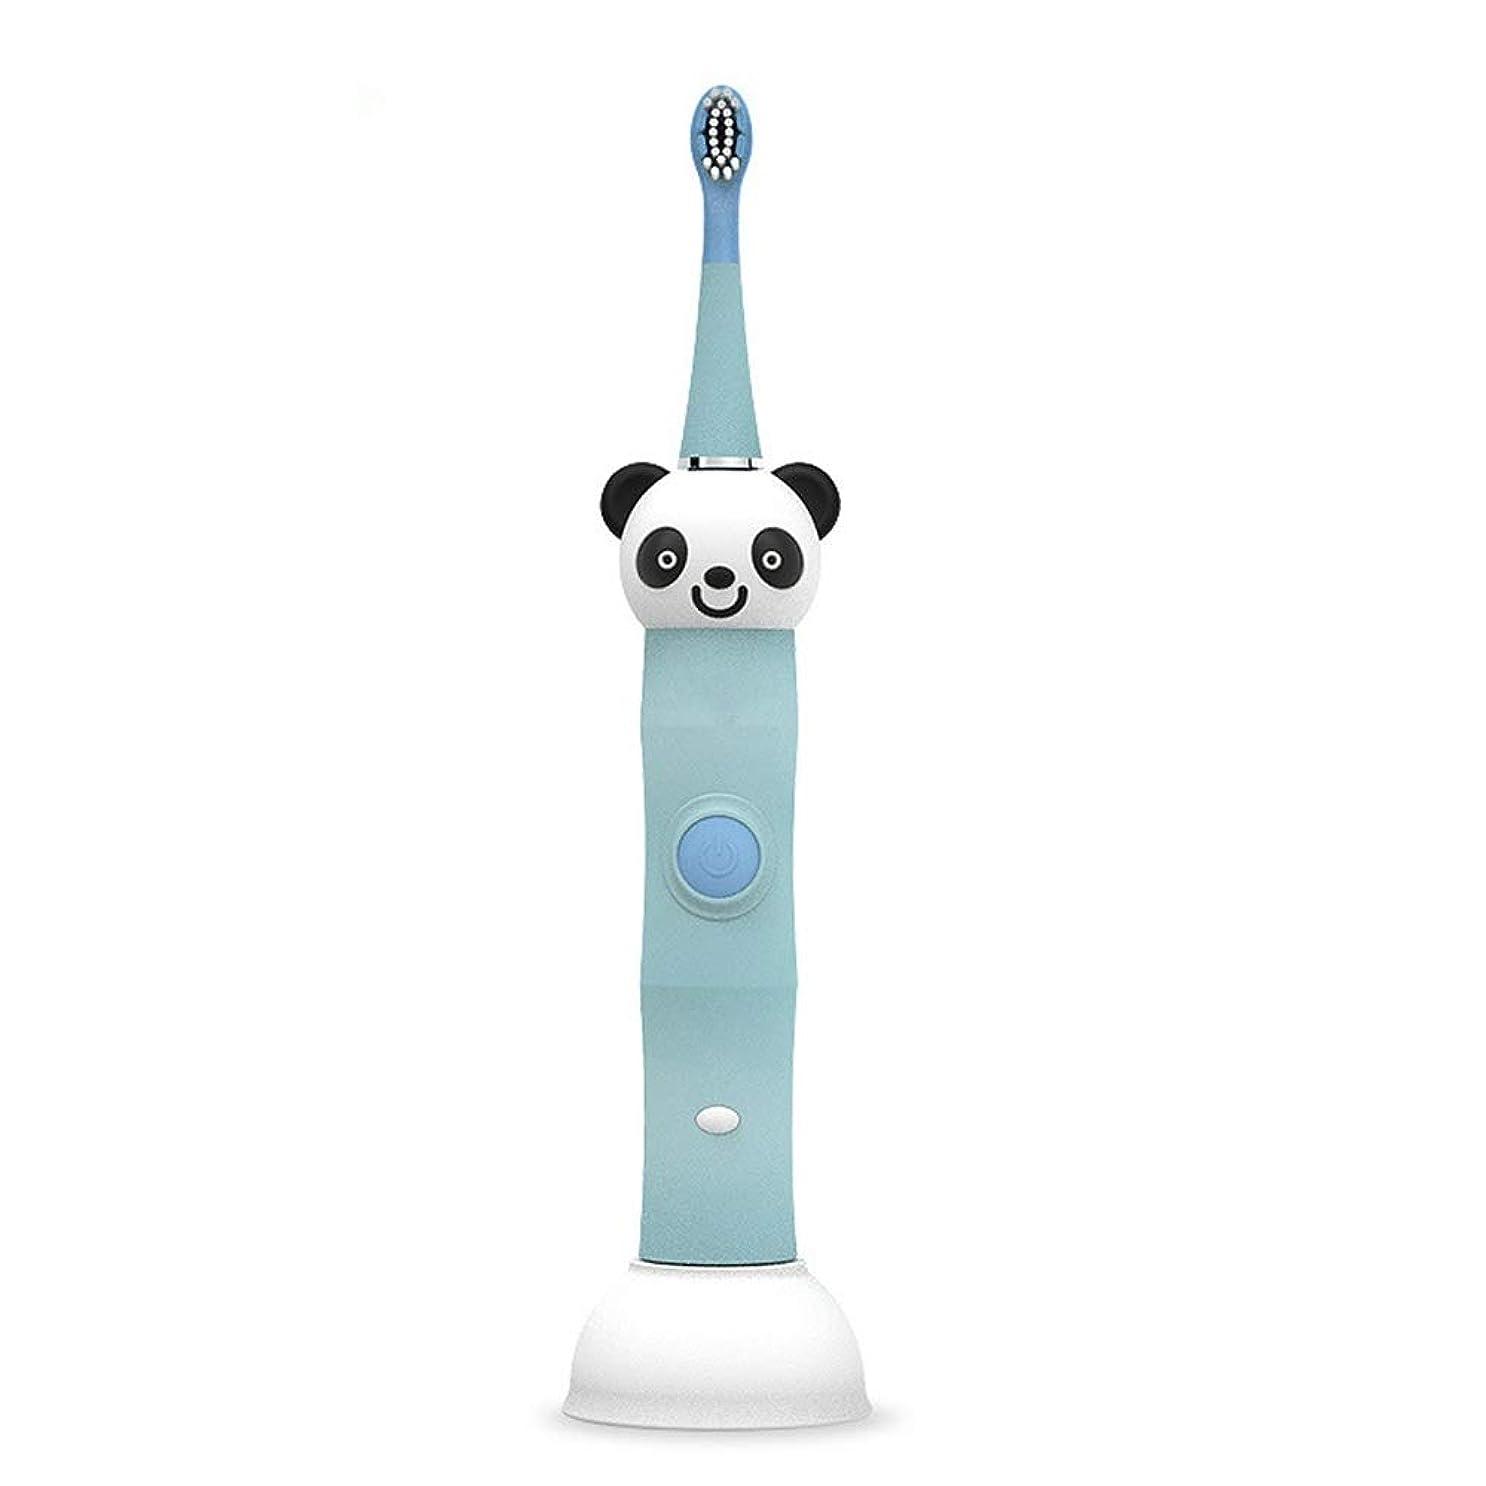 新しい意味ために閃光電動歯ブラシ USBの充満基盤の柔らかい毛のきれいな歯ブラシと防水子供の電動歯ブラシ (色 : 青, サイズ : Free size)